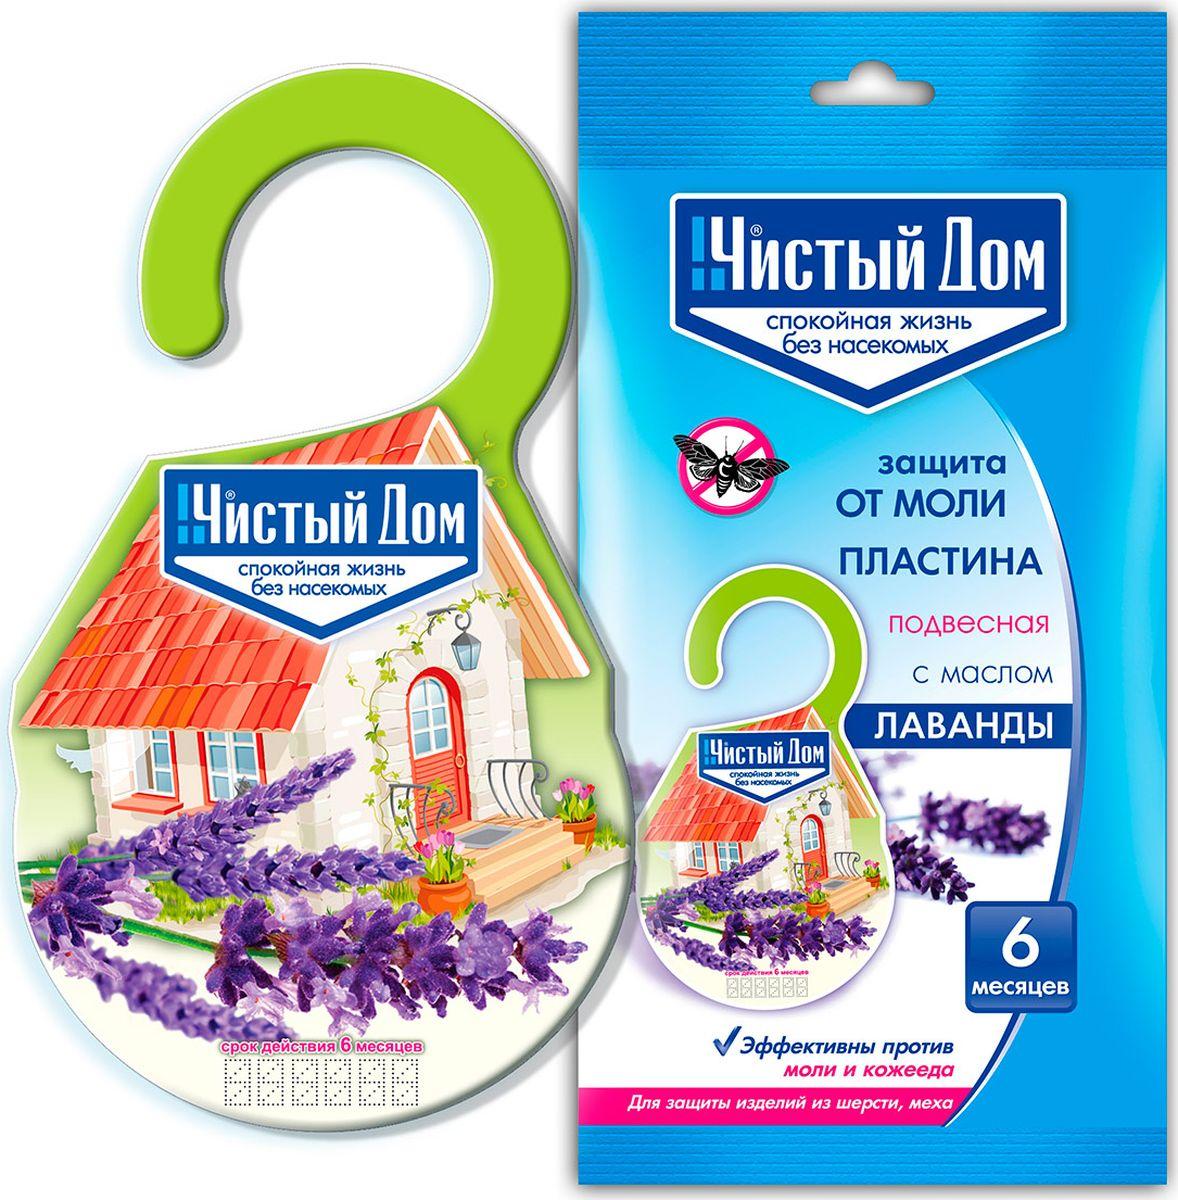 """Пластина """"Чистый Дом"""" содержит инсектицид и лавандовое масло.  Эффективное средство  для защиты изделий из шерсти и меха.  Уничтожает моль, личинки и кожееда.  Действует в течении 6 месяцев."""